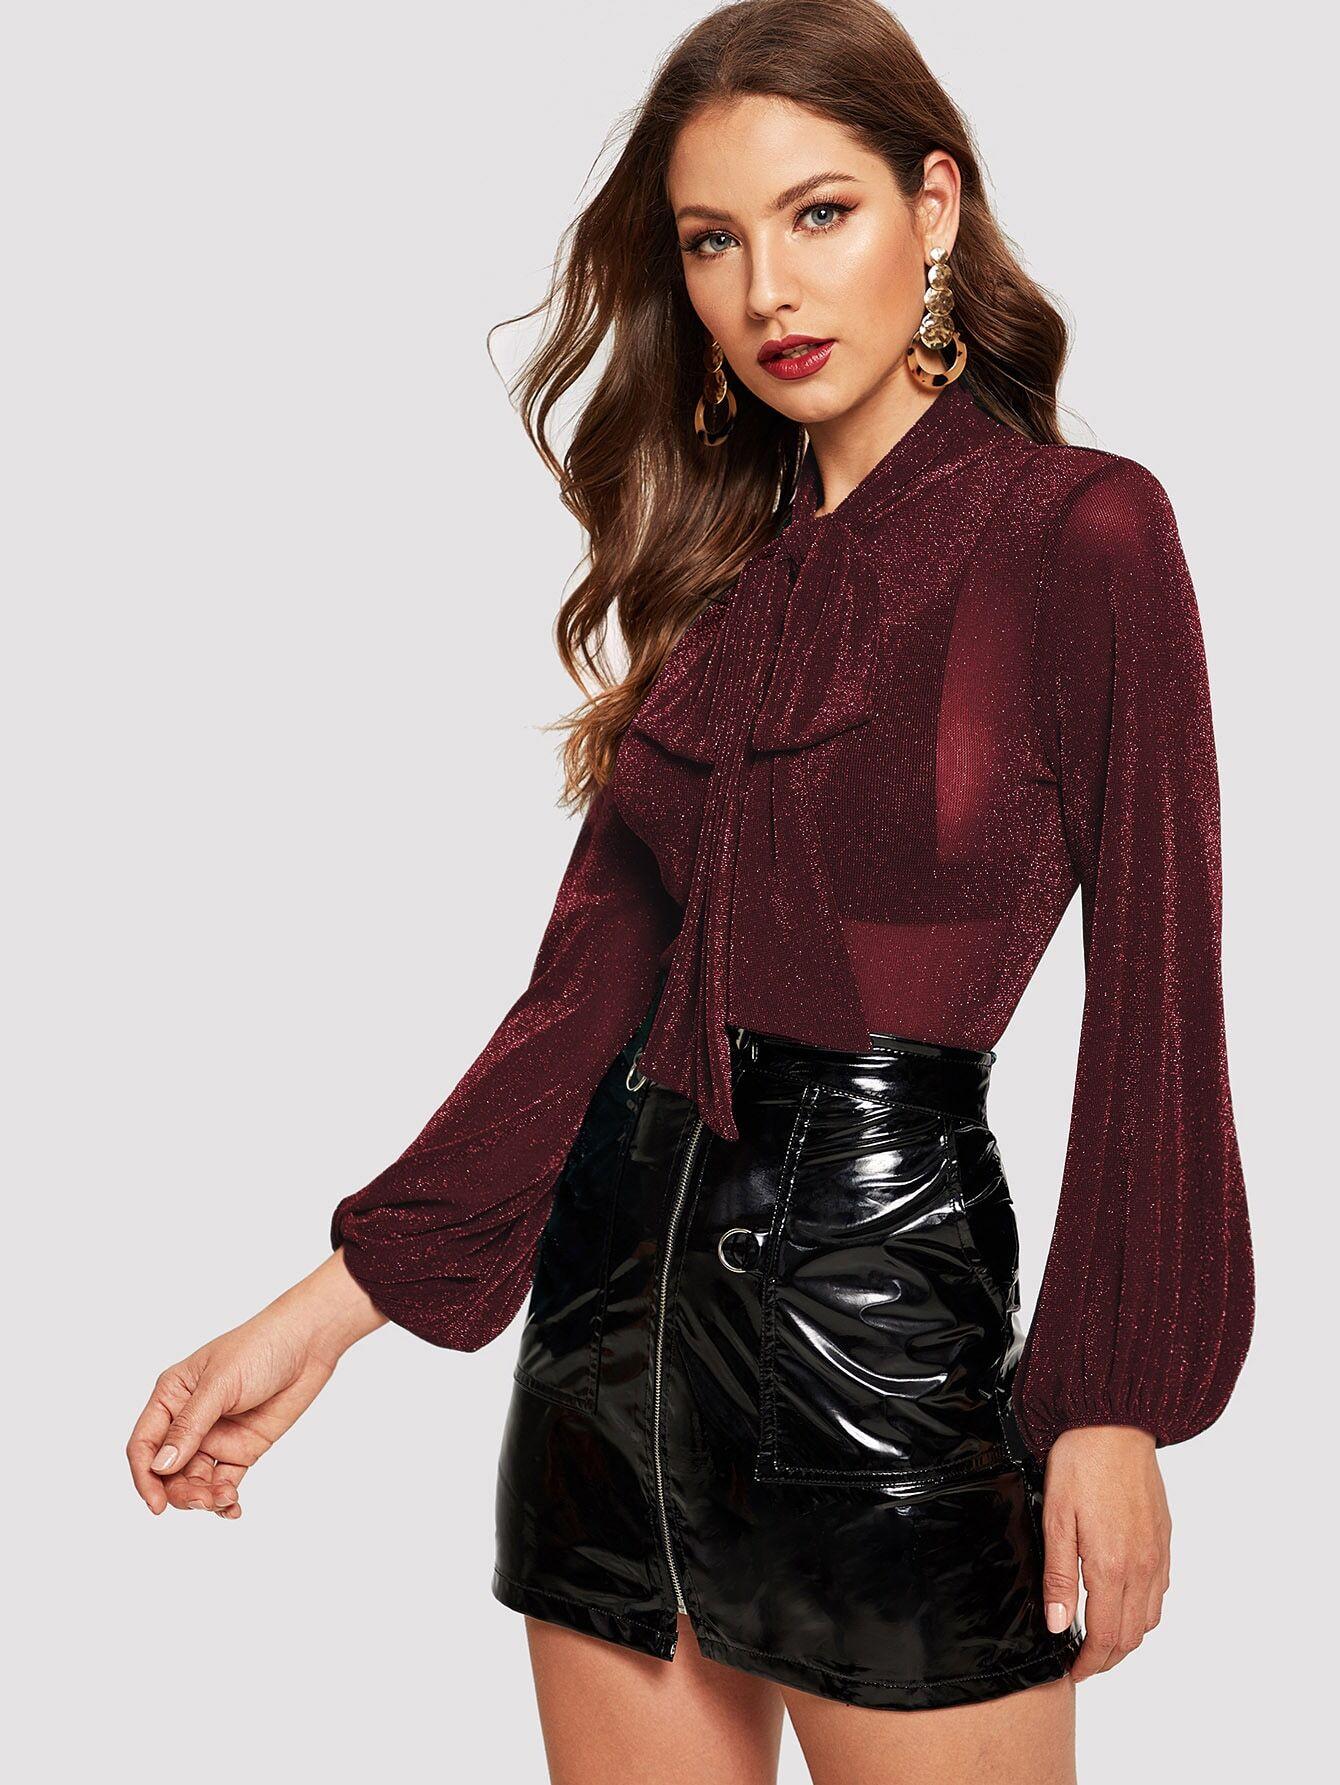 Купить Блестящая приталенная блуза с завязкой на шее и оригинальным рукавом, Debi Cruz, SheIn